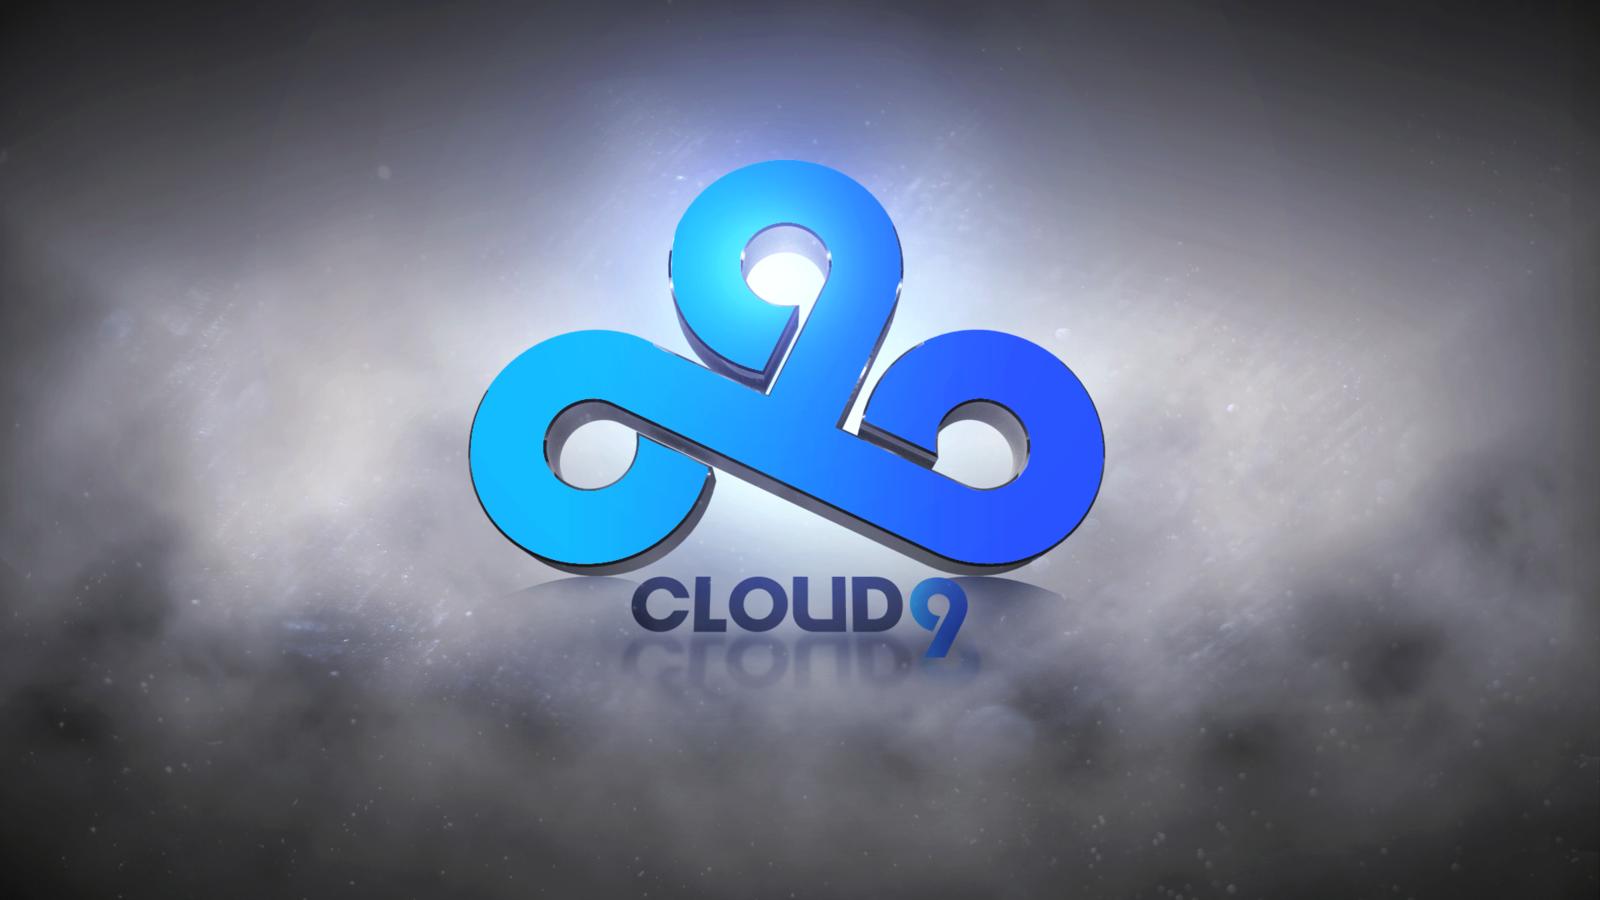 Cloud 9 CS GO Wallpaper - WallpaperSafari